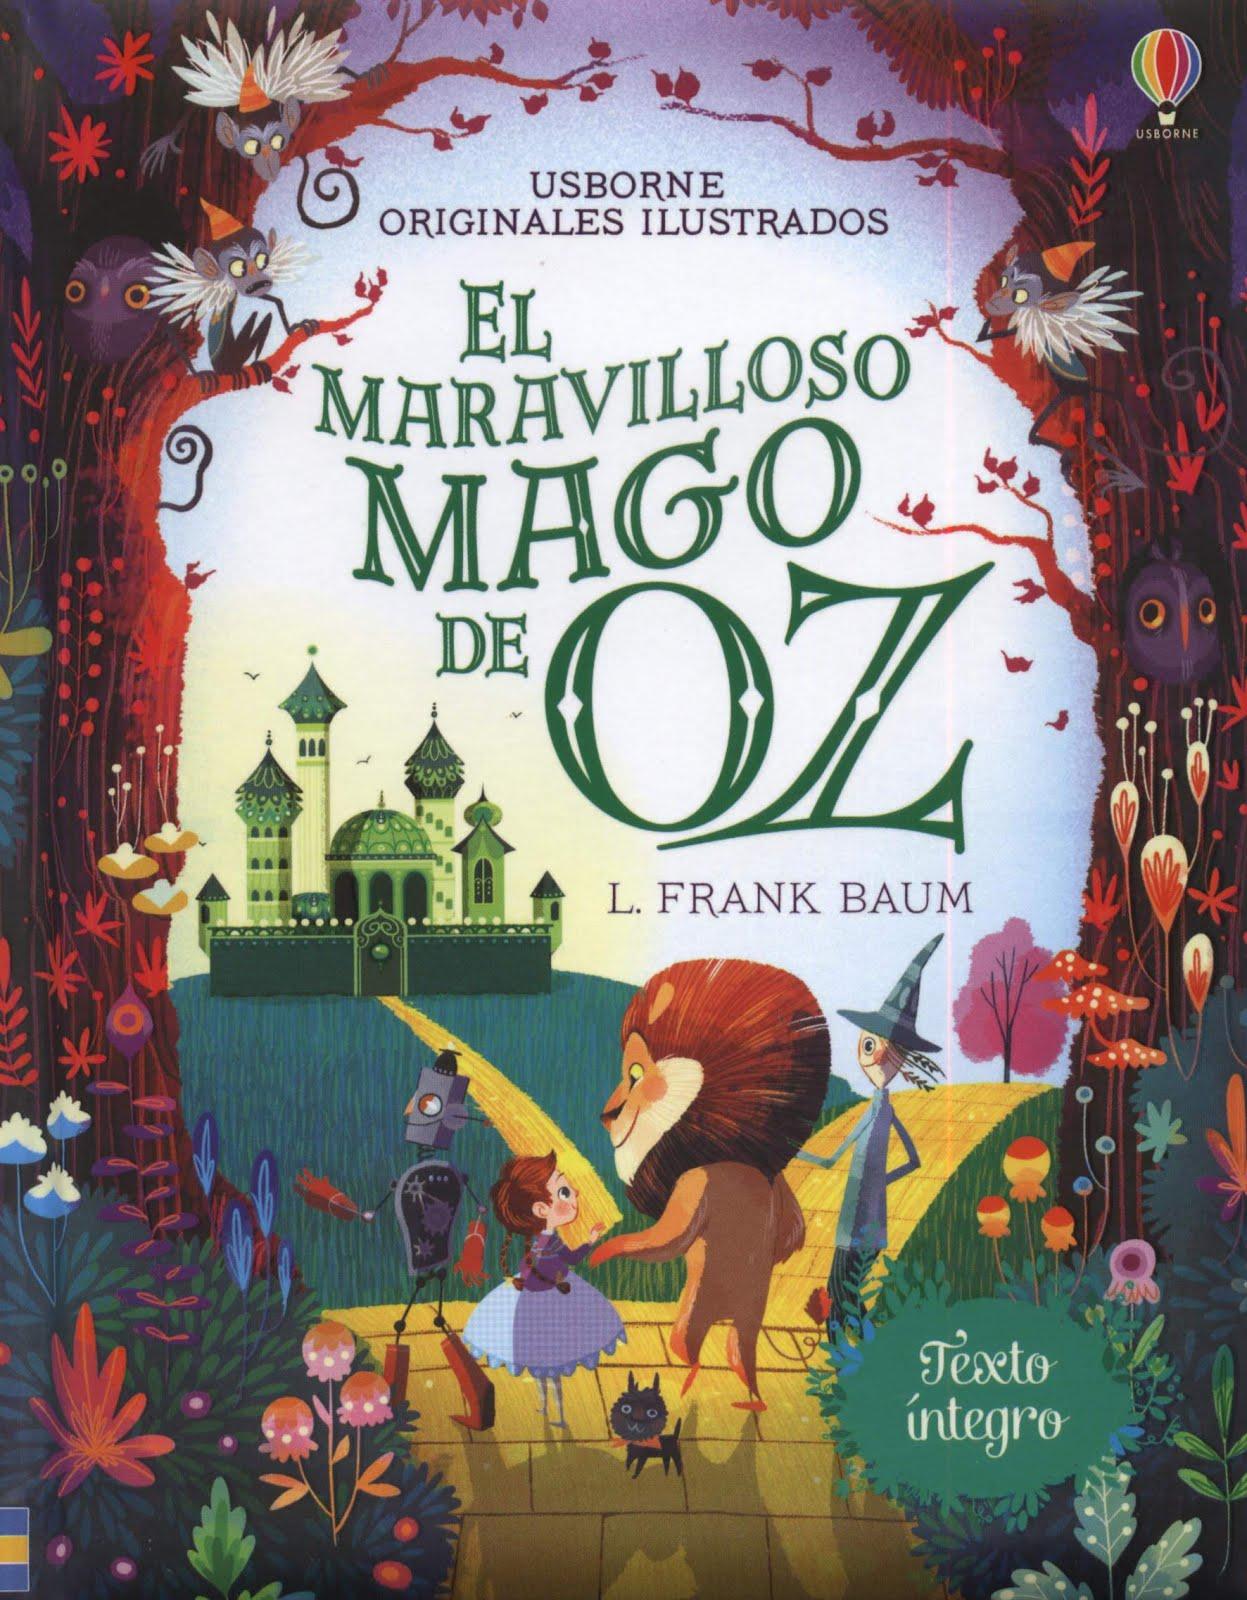 El Mago de Oz, de L. Frank Baum